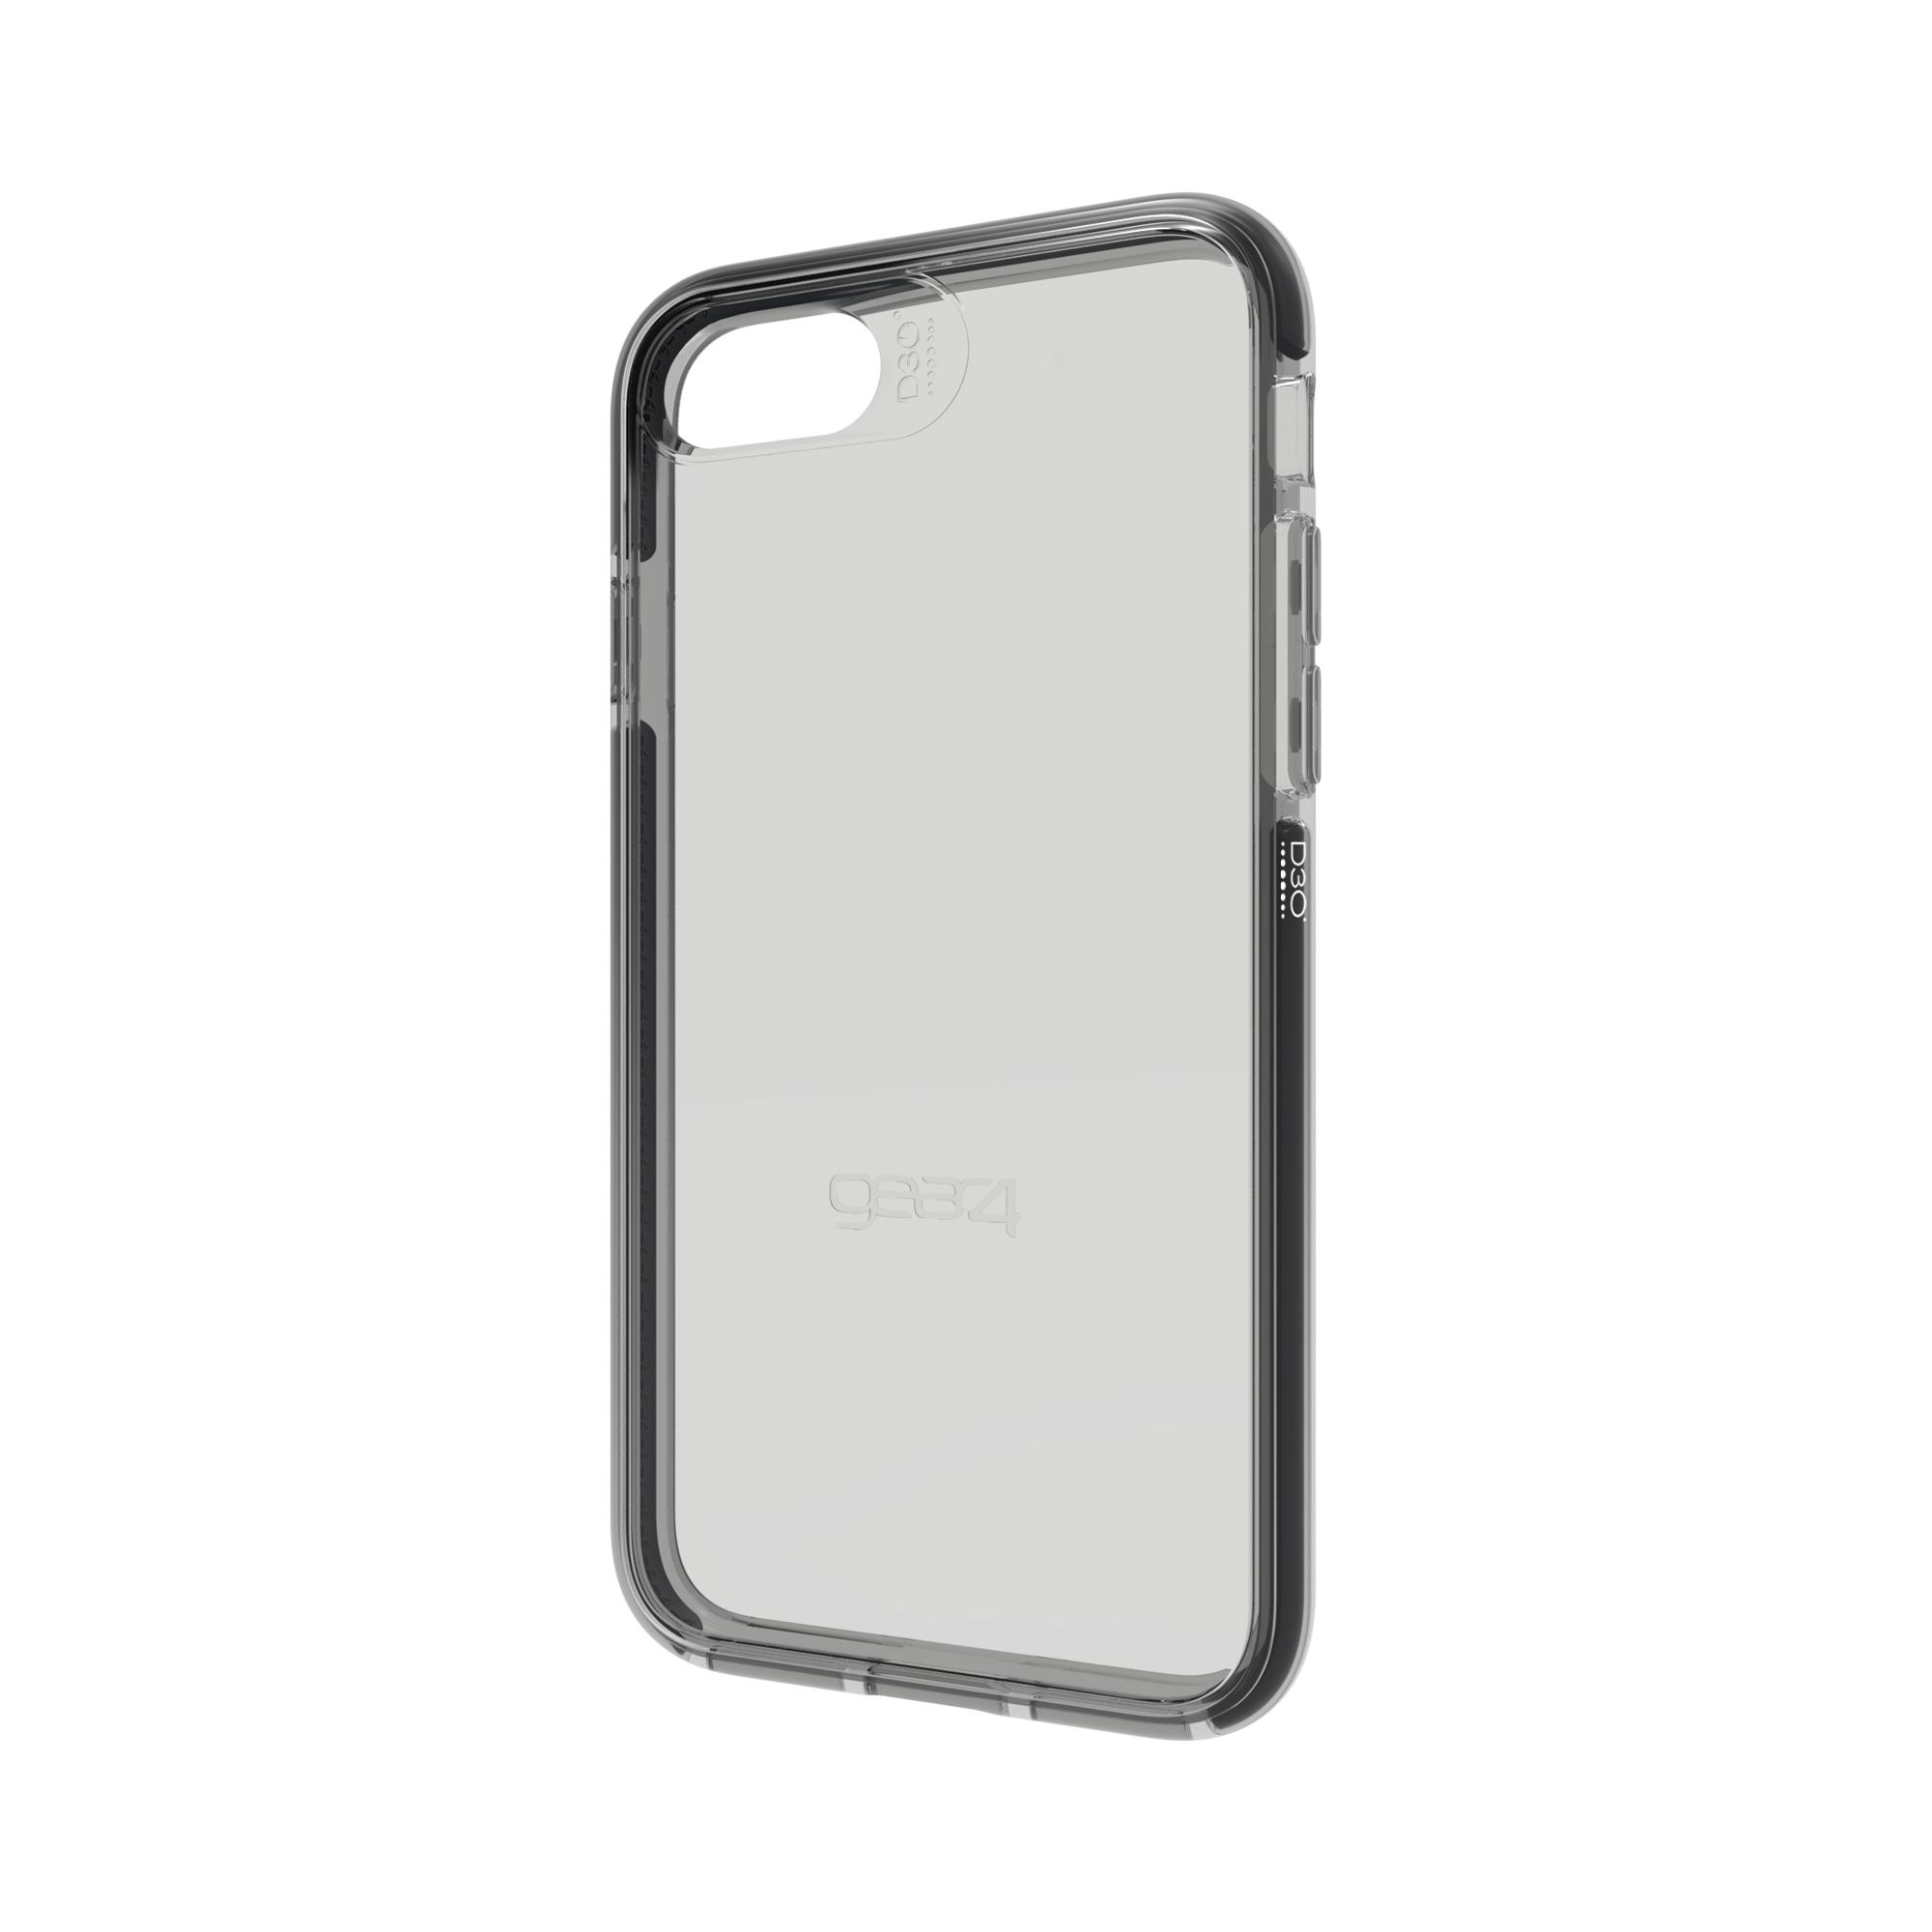 Coque Gear 4 transparente pour iPhone 7-8- accessoire - Bouygues ...